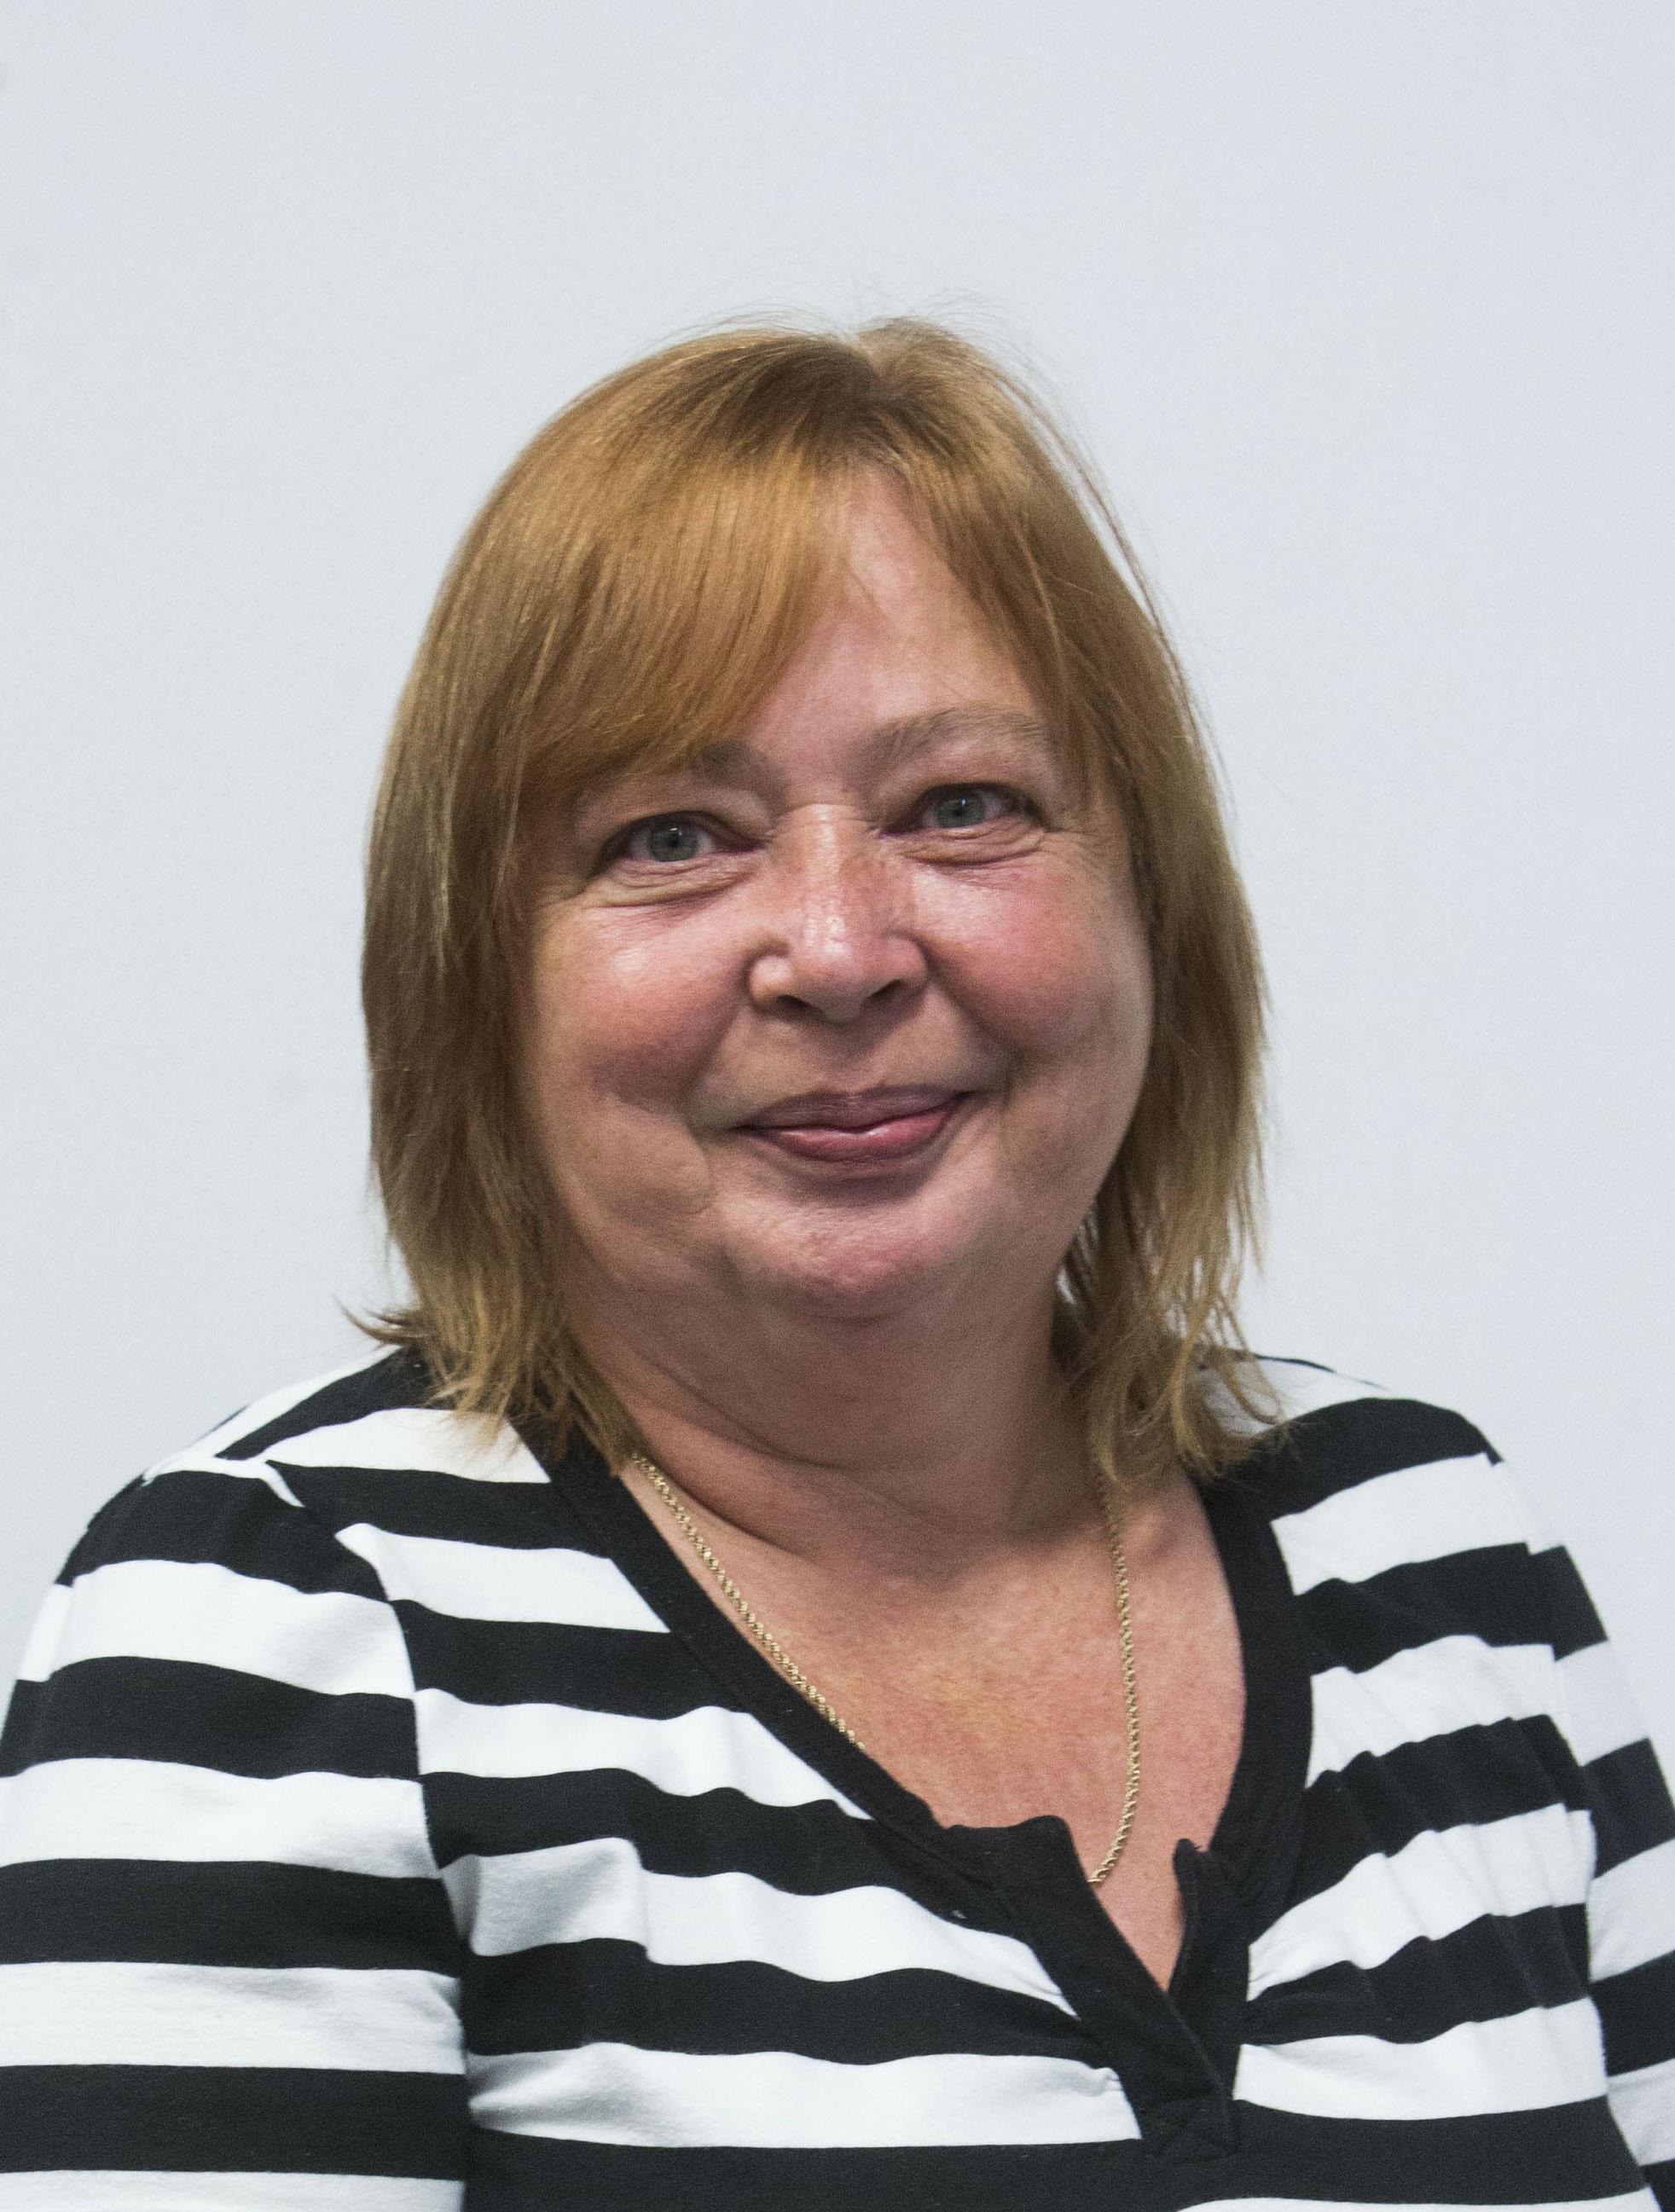 Debbie McLean